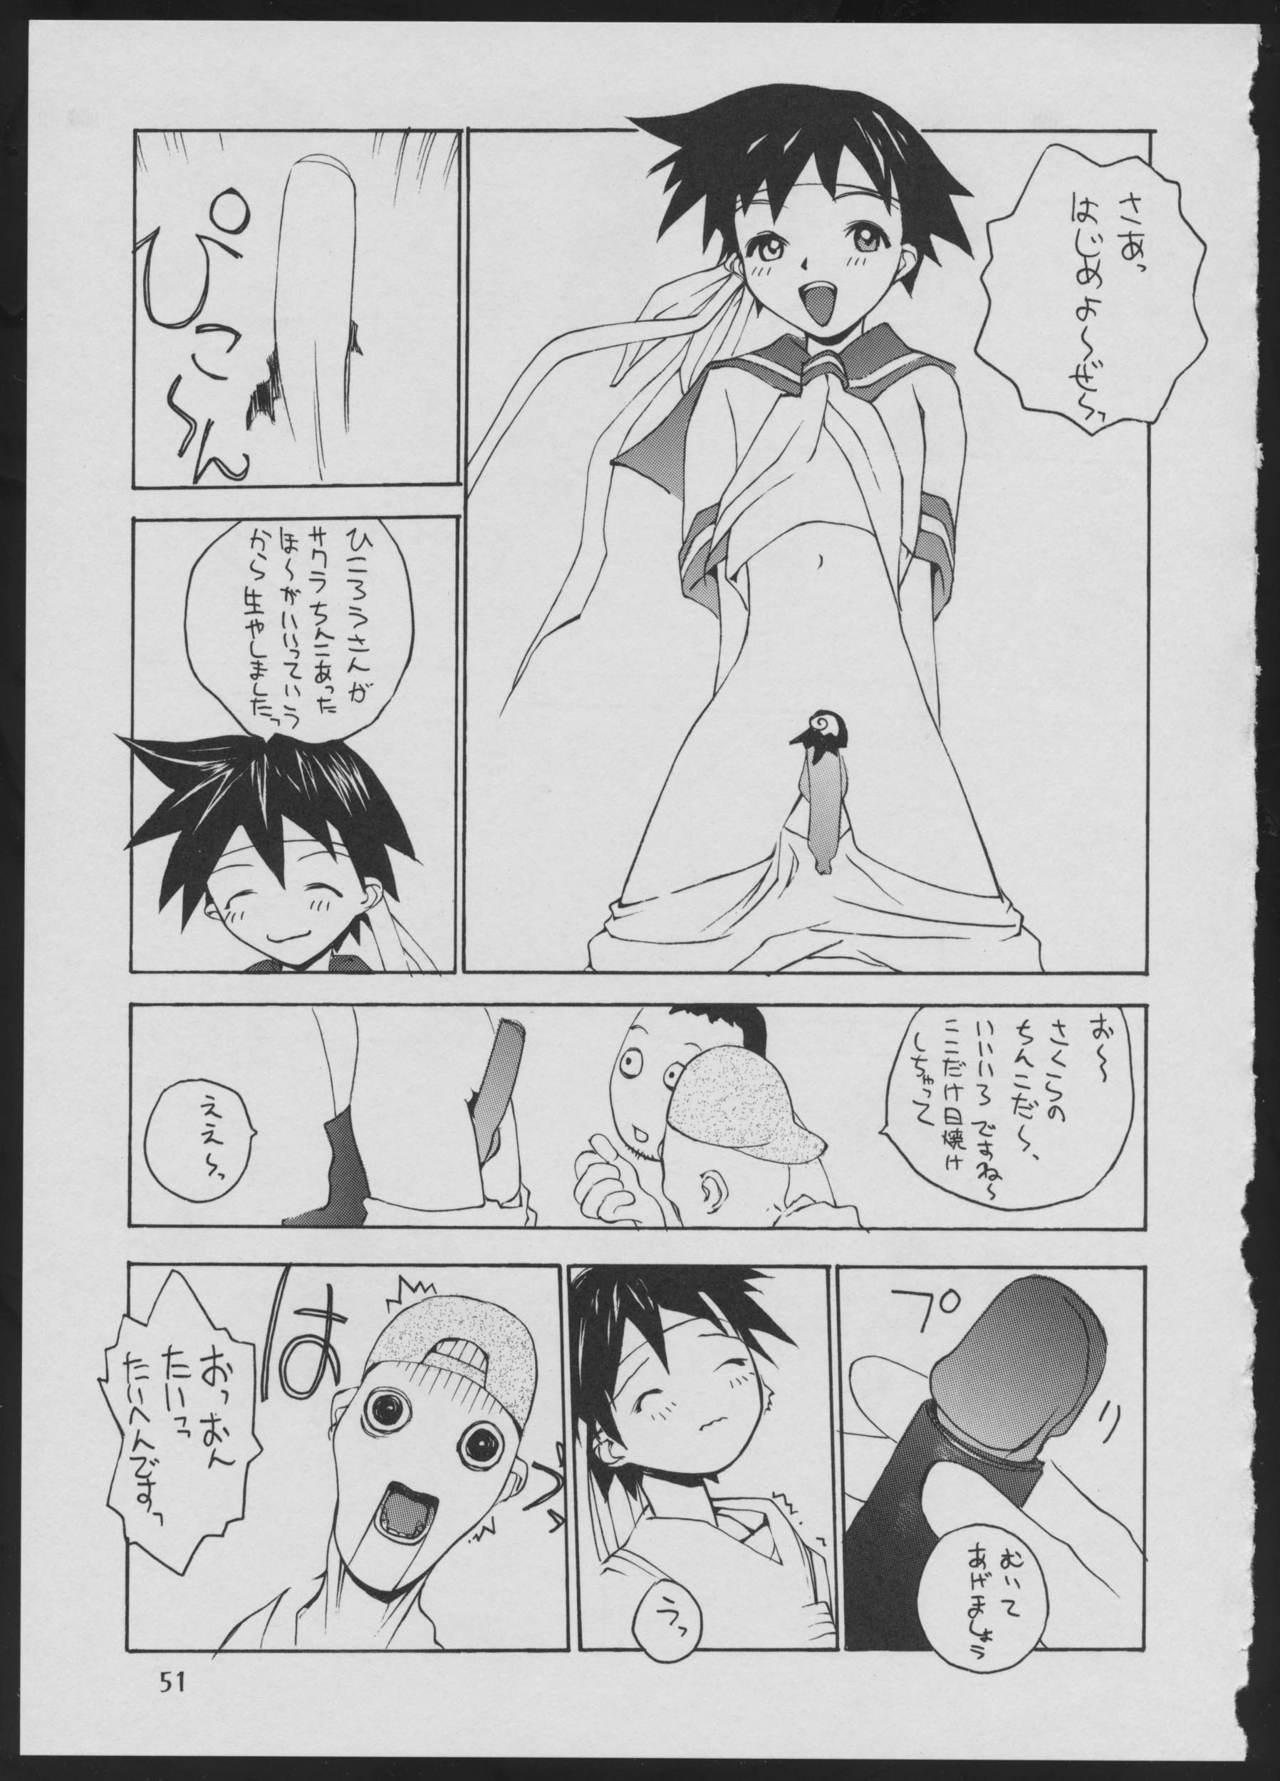 '96 Natsu no Game 18-kin Special 50